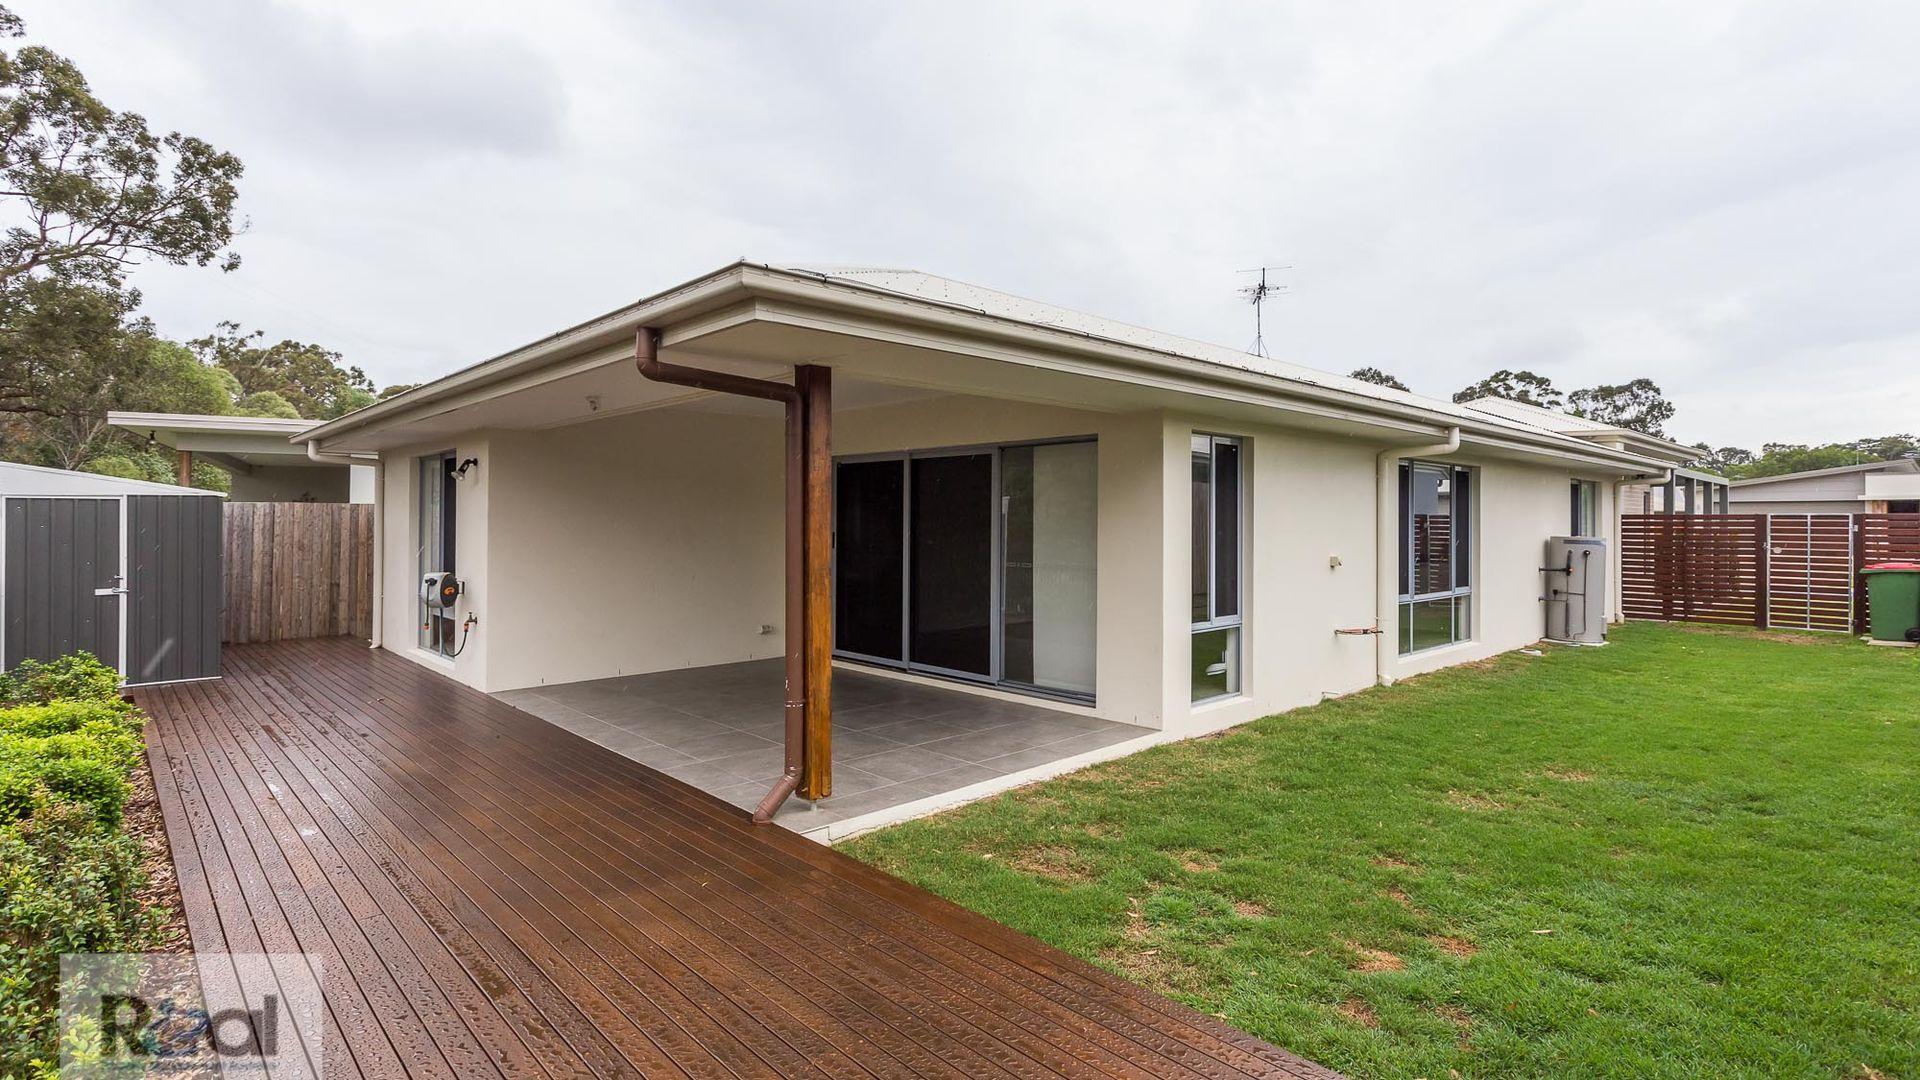 8 Mapleton Cres, Capalaba QLD 4157, Image 5